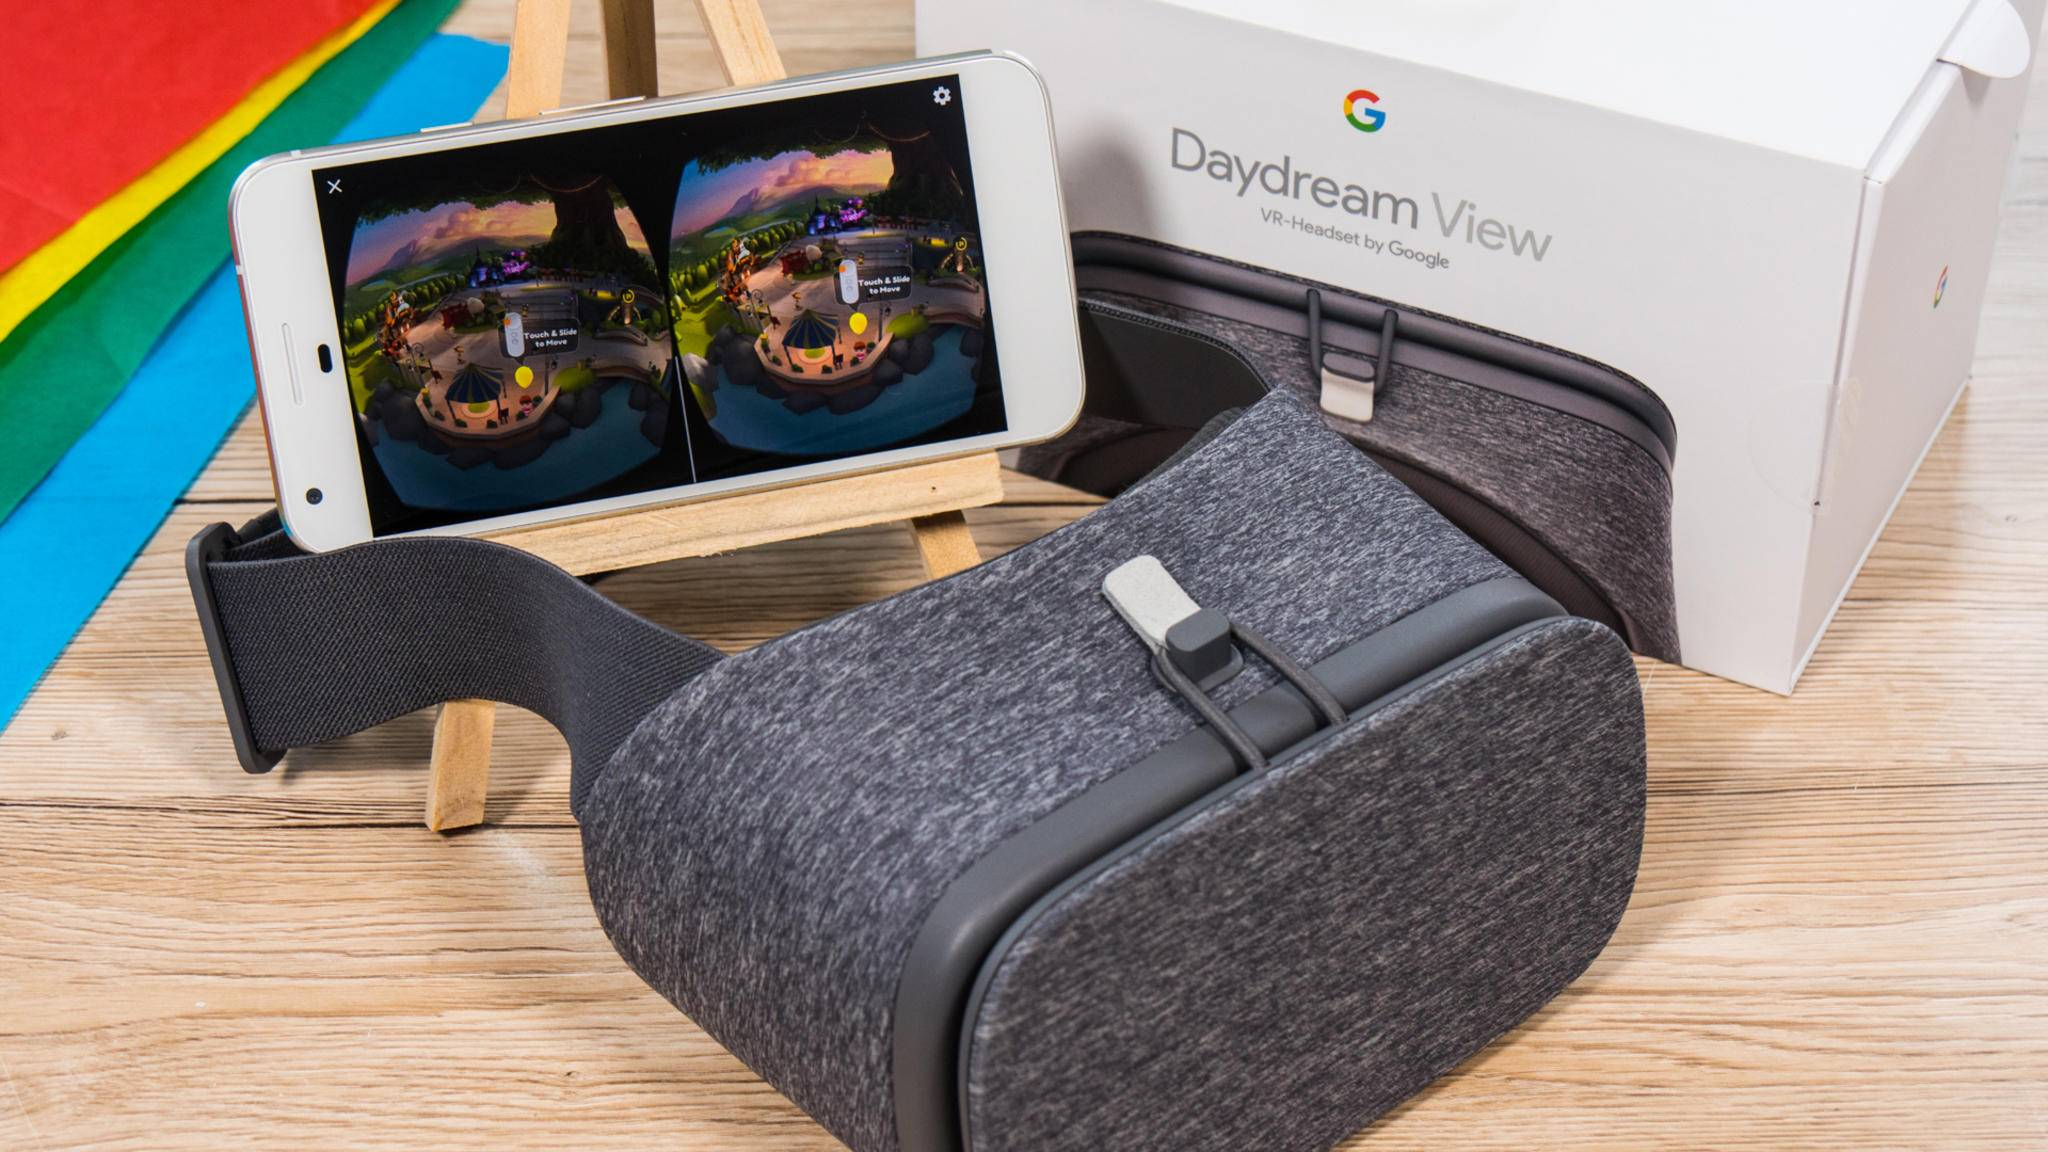 Daydream 2.0 bringt neue Features für die VR-Brille.